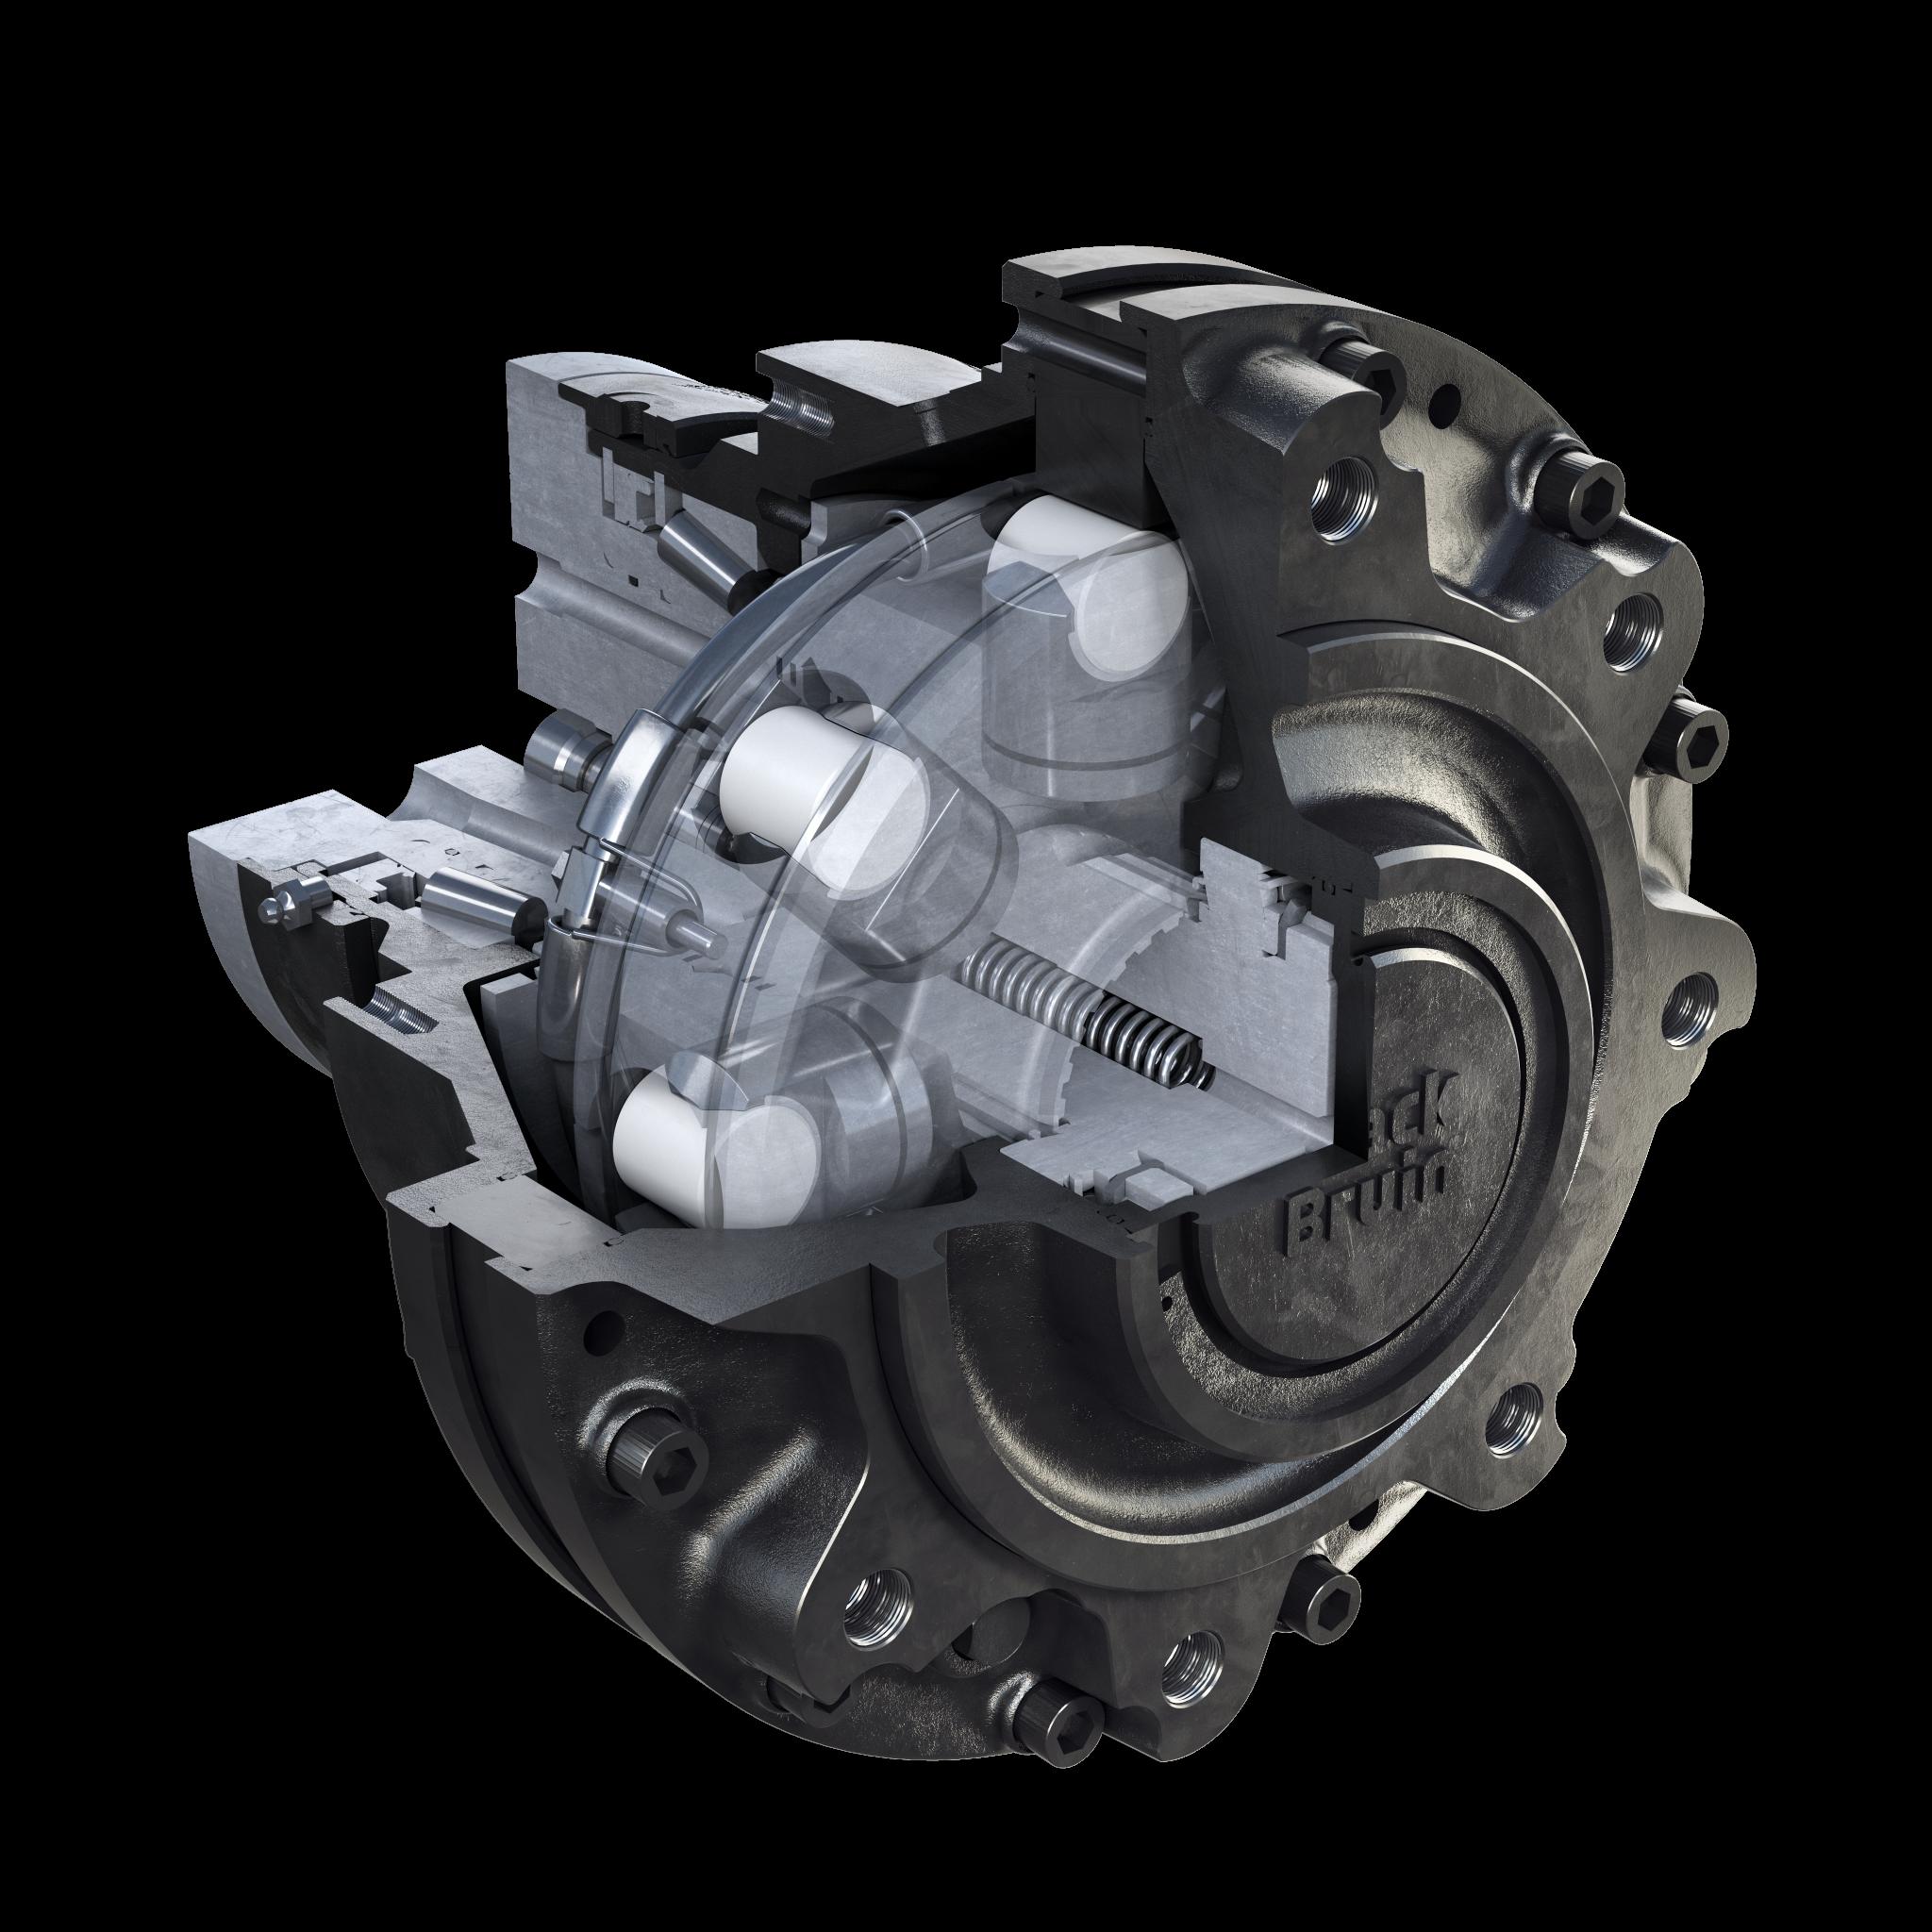 Image for B200 Series Wheel Motors